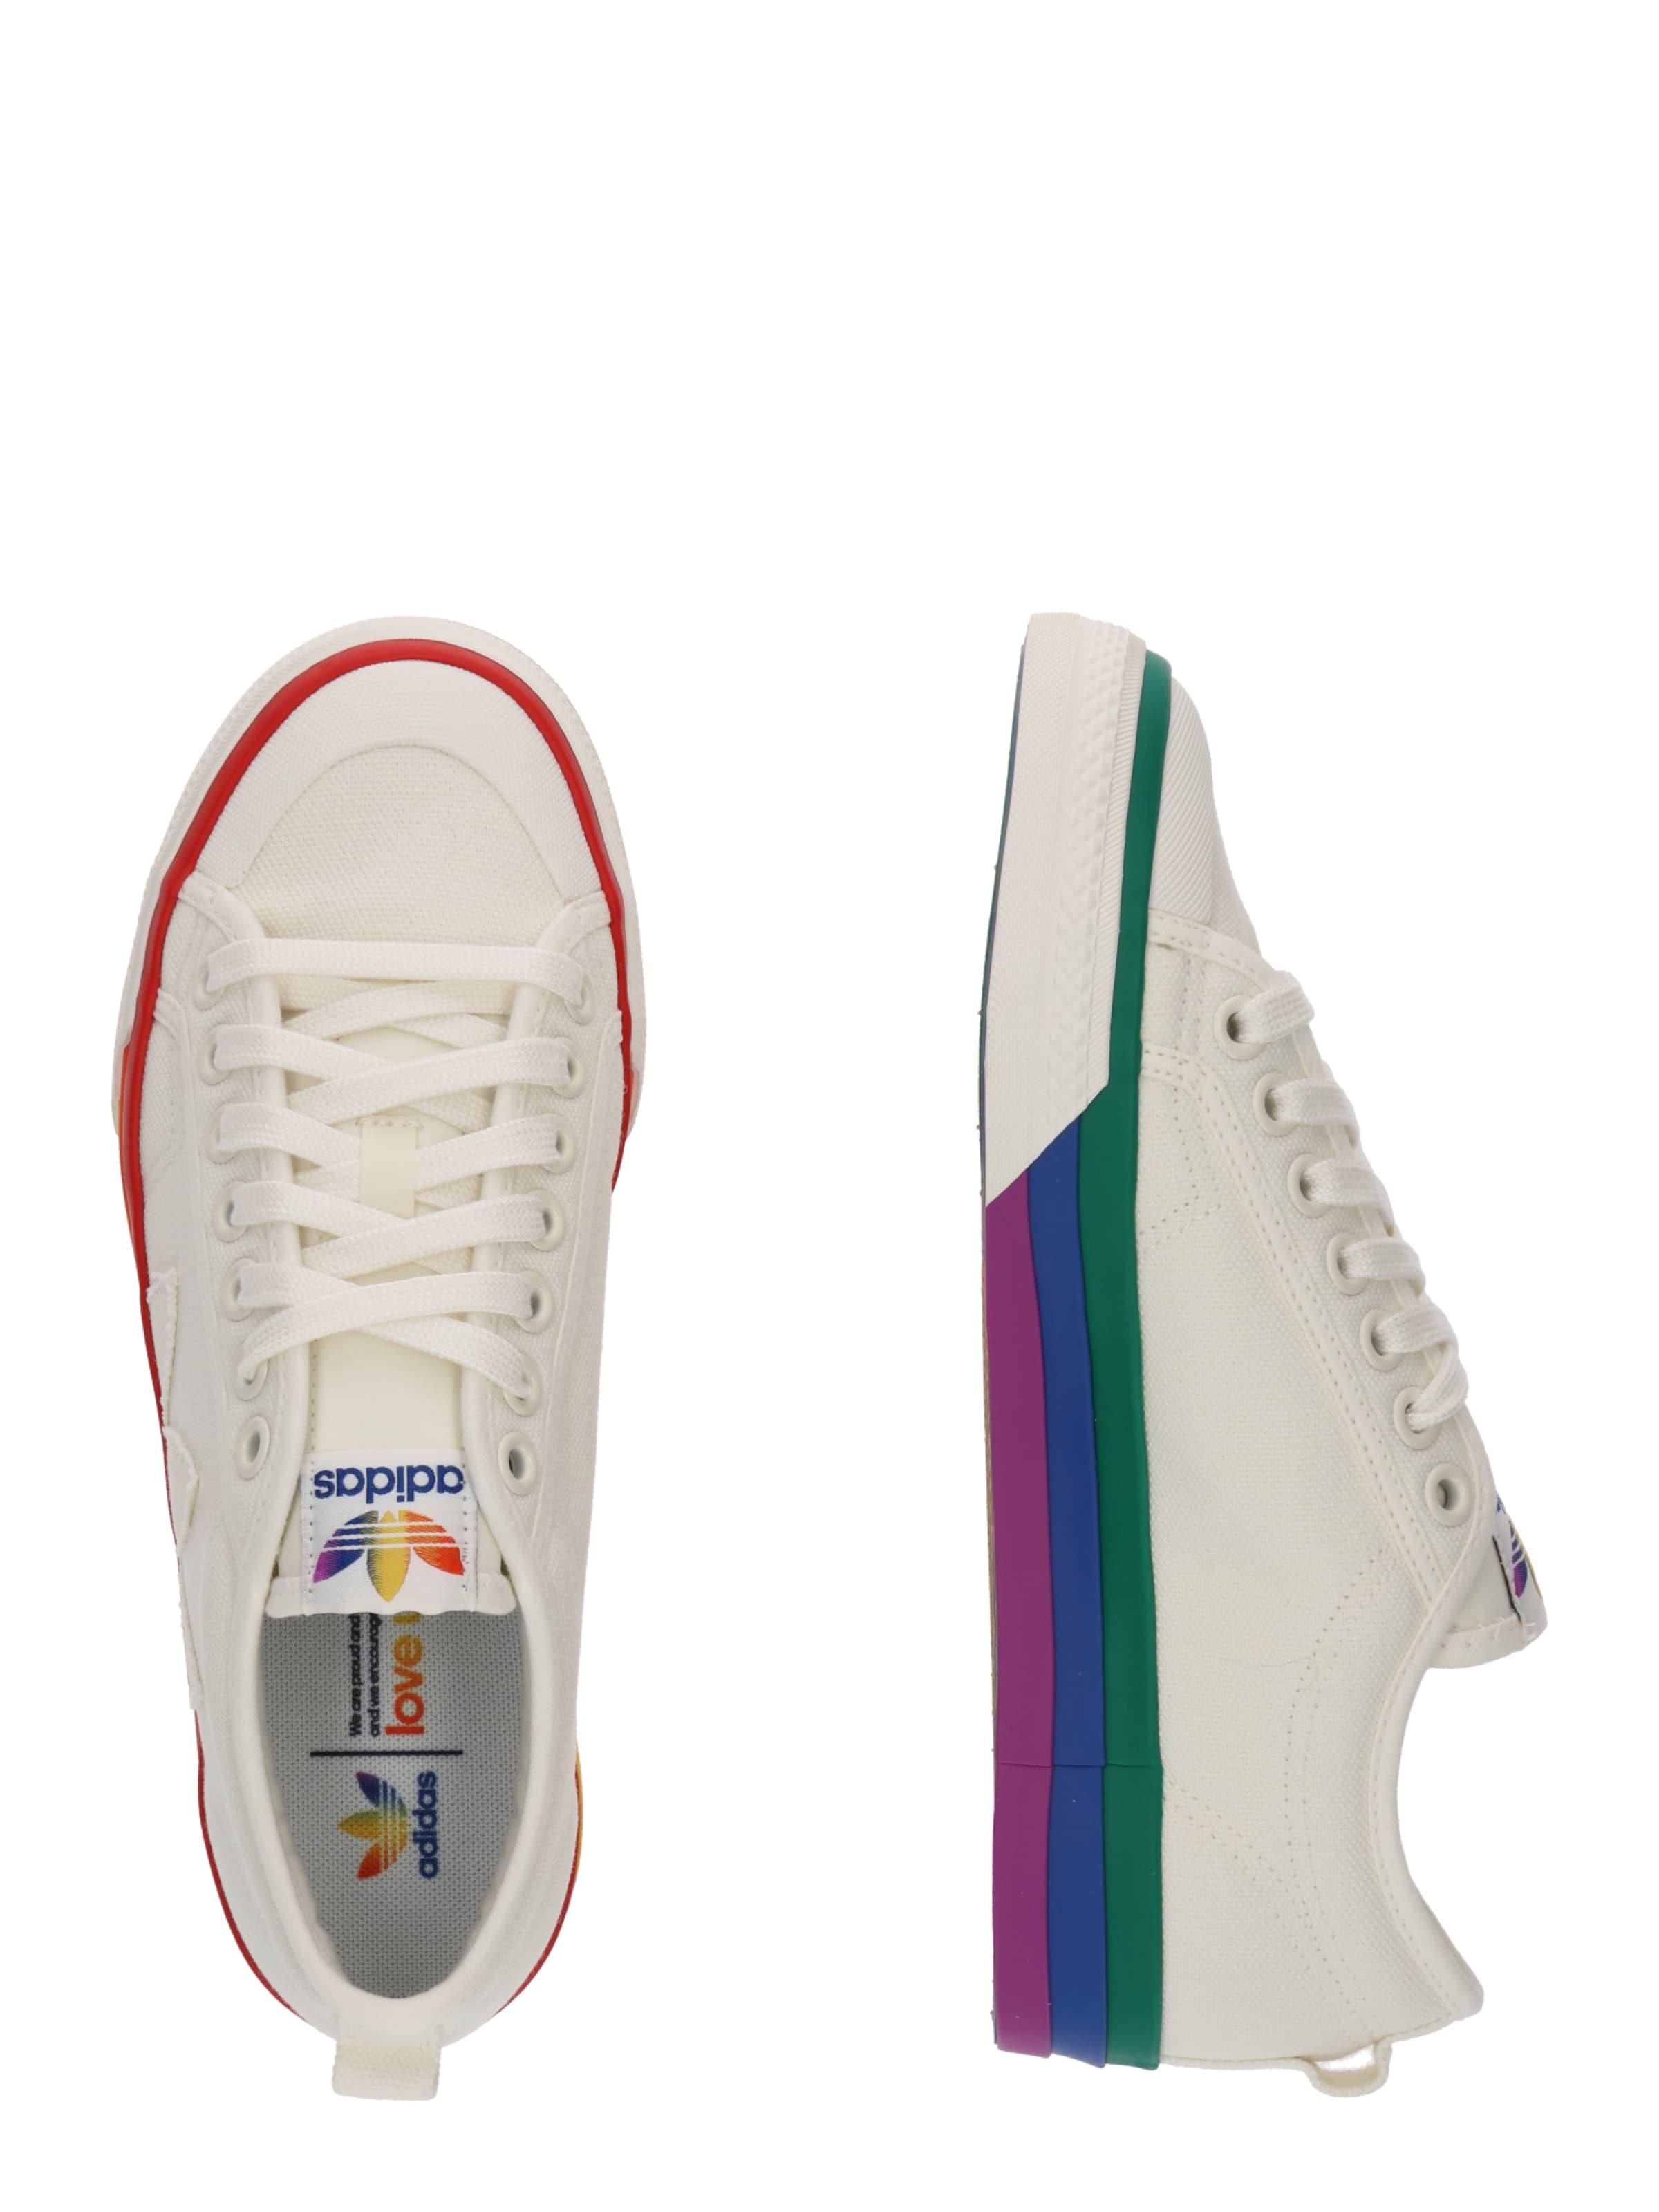 MischfarbenOffwhite Adidas Pride' In Originals Sneaker 'nizza Qrthsd